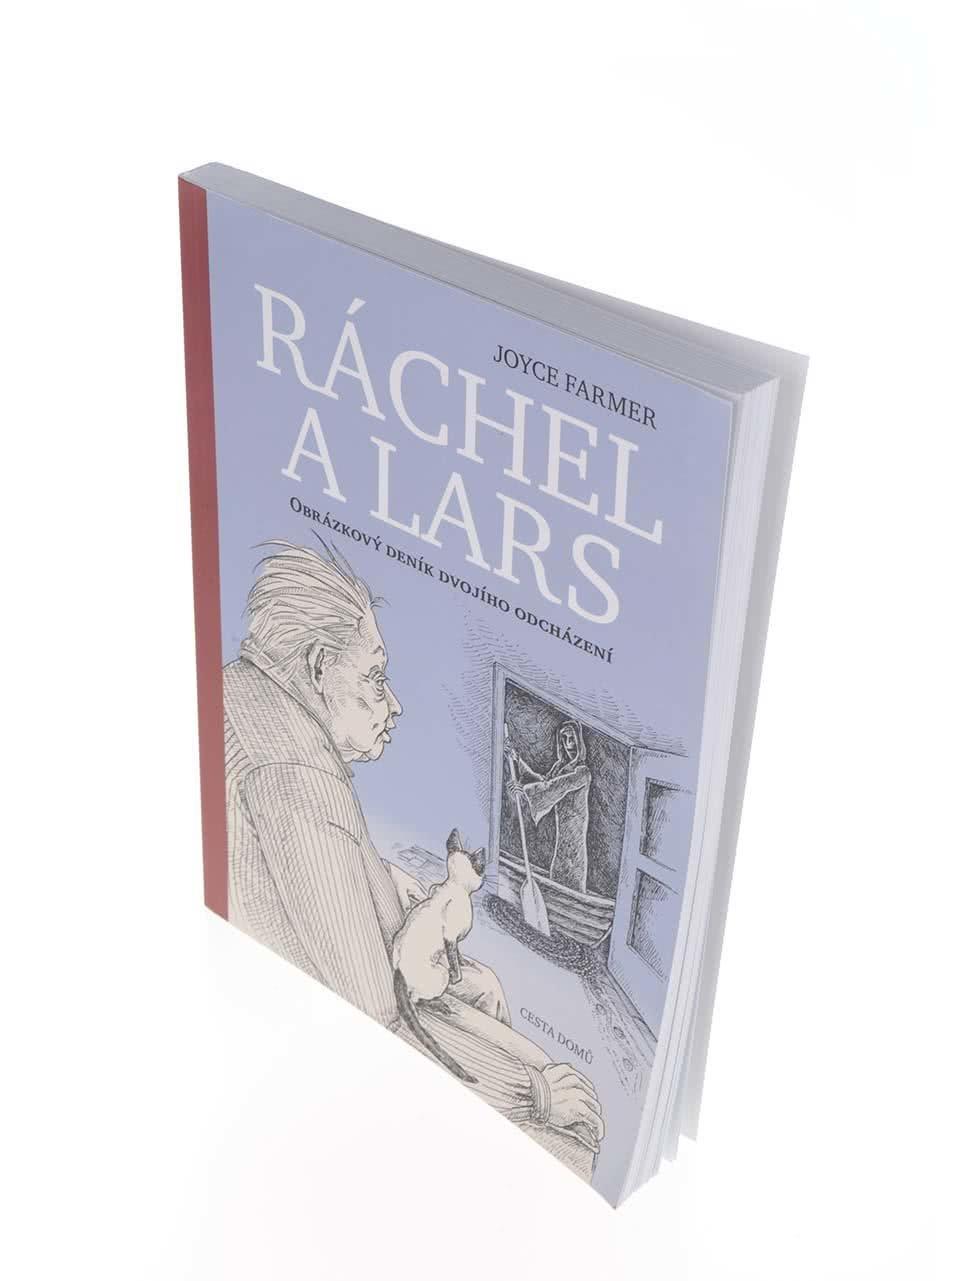 """""""Dobrá"""" komixová kniha Ráchel a Lars pro Cesty domů"""